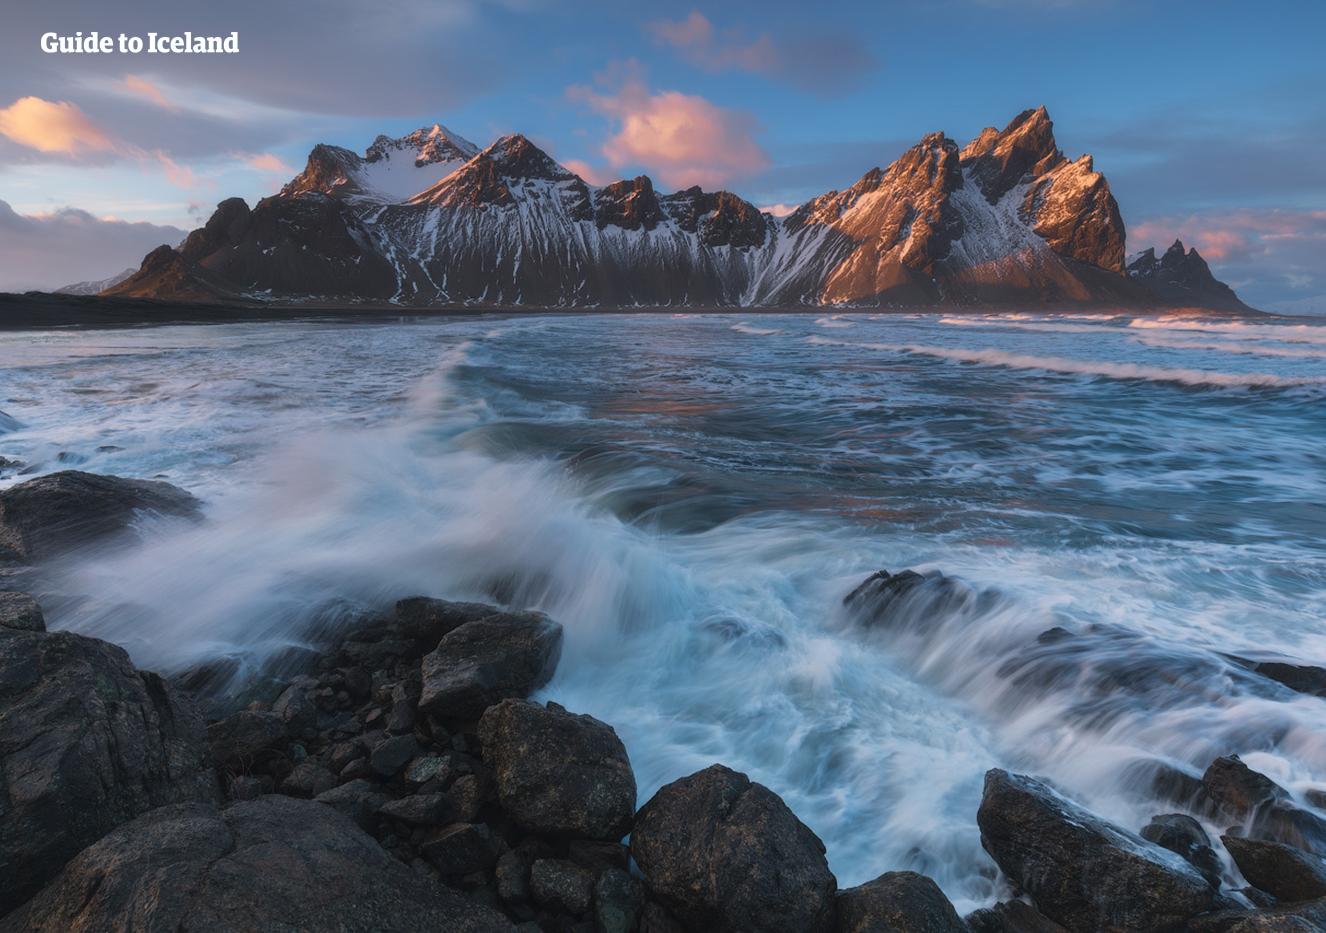 アイスランド南東部にあるストックスネス半島から、干潟の向こうのヴェストラホルンの山々を眺める